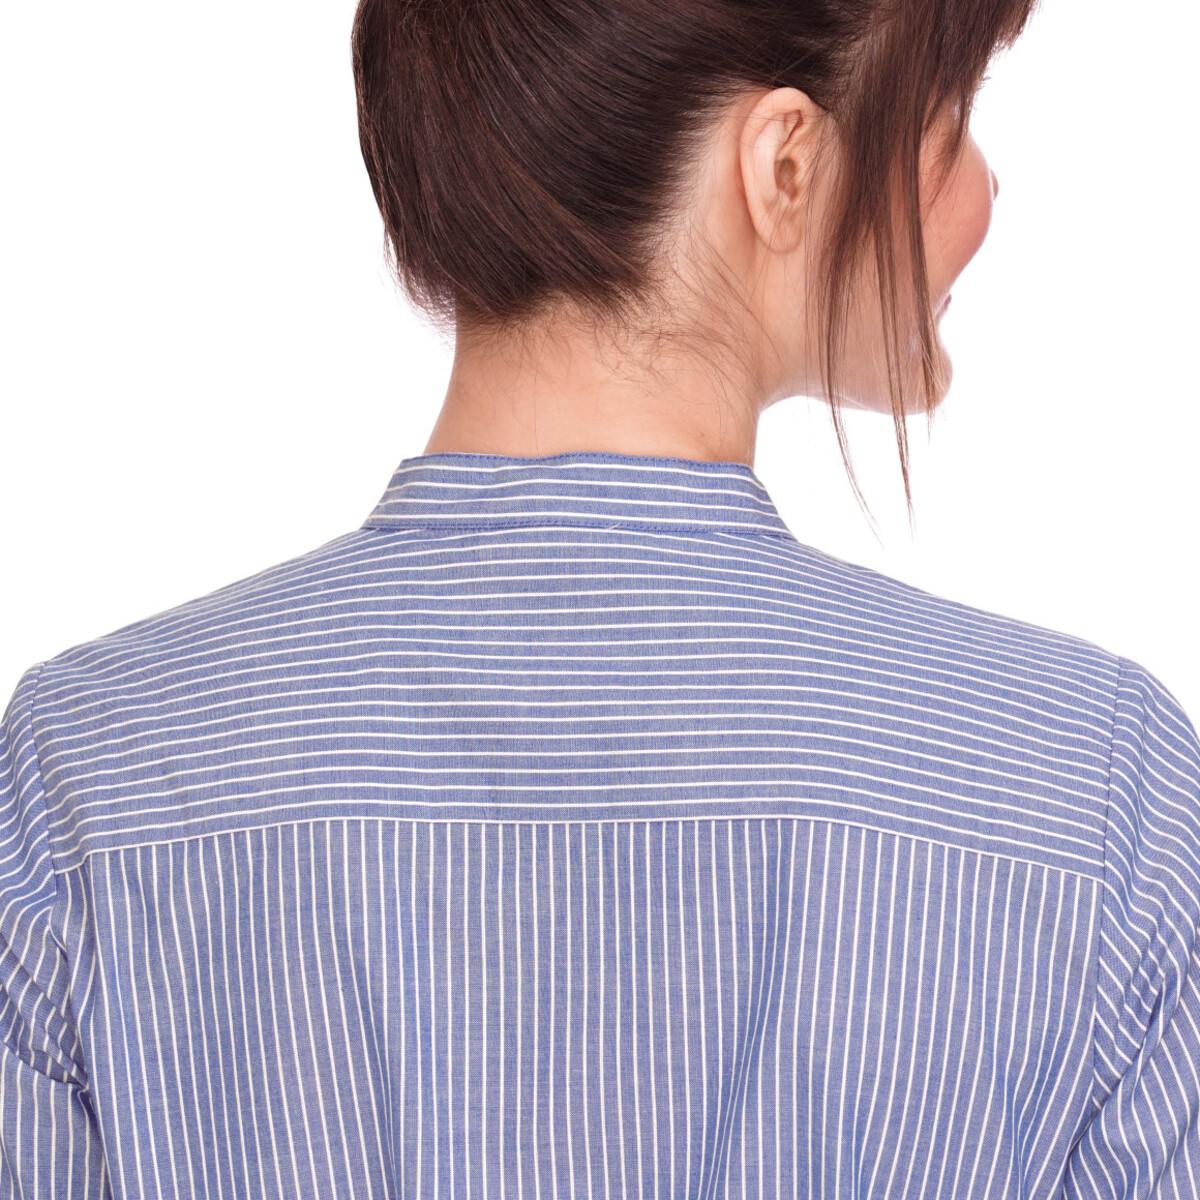 Bild 5 von Damen Hemdblusenkleid mit Längsstreifen